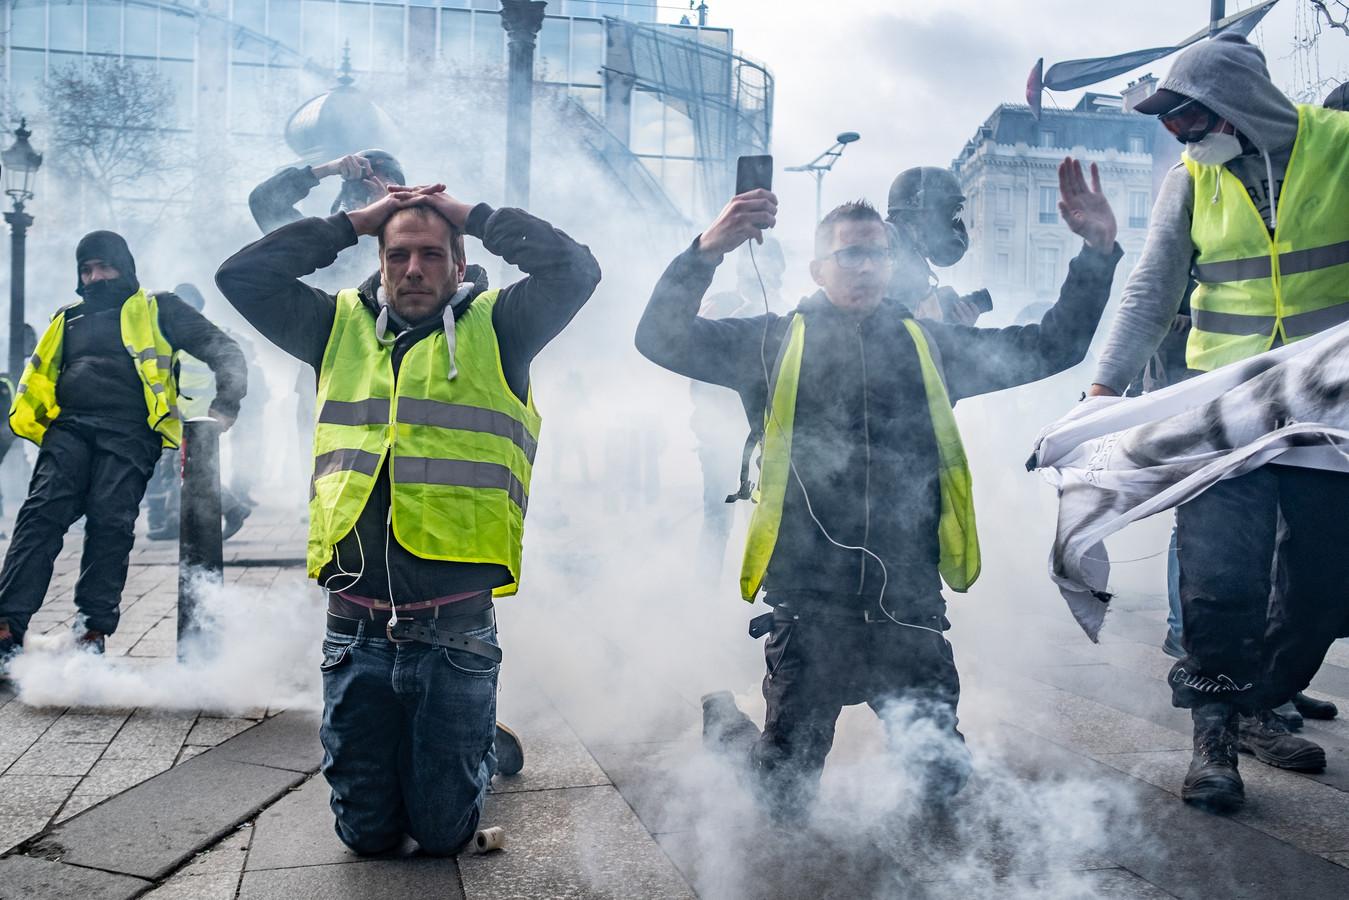 De protesten van de 'gele hesjes' zijn flink afgenomen in Frankrijk, maar in de Franse stad Nantes kwam het zaterdag tijdens een demonstratie tot ongeregeldheden. Foto ter illustratie.